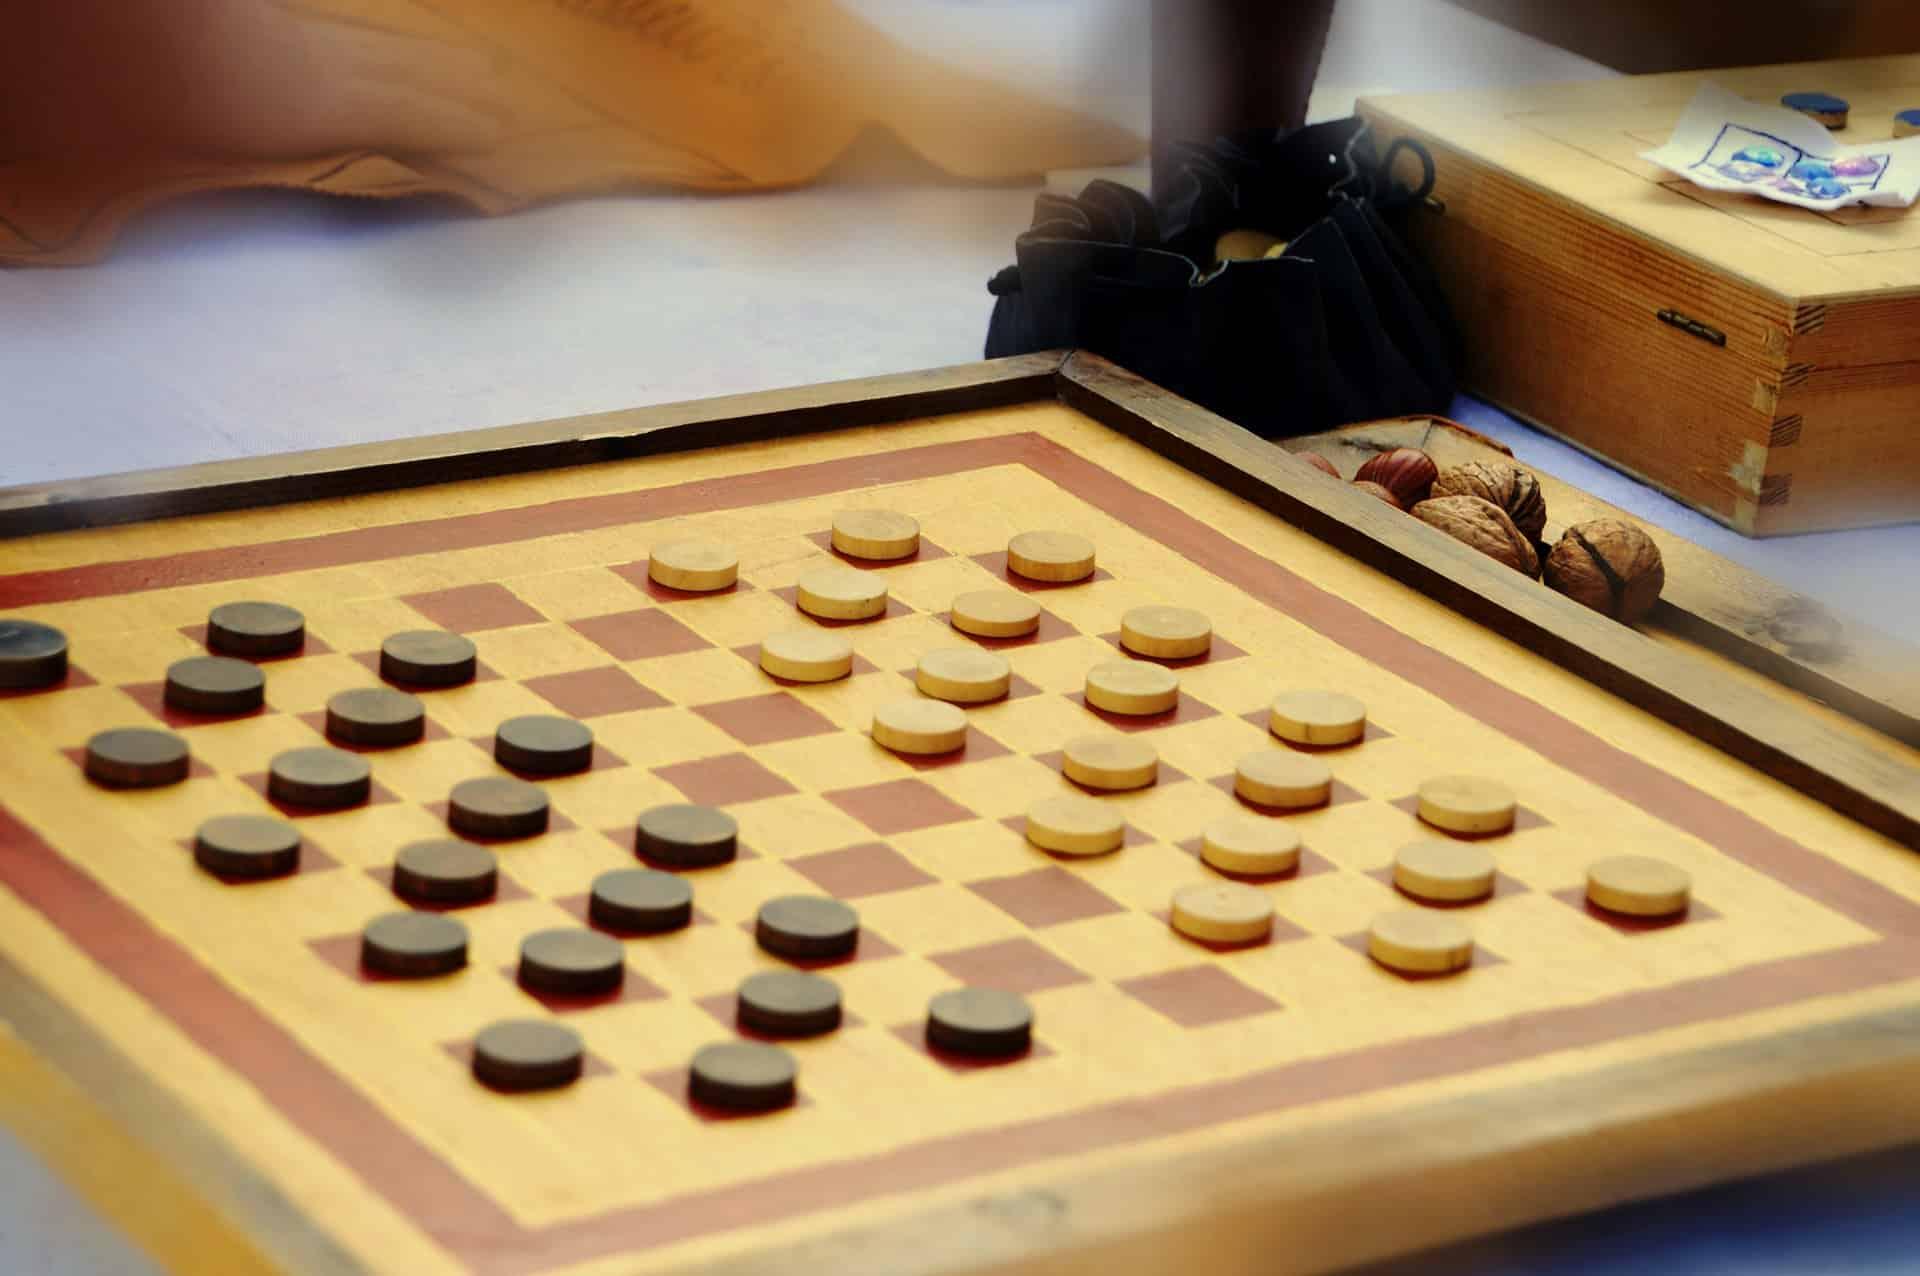 Imagem mostra um tabuleiro com peças de jogo de damas distribuídas.